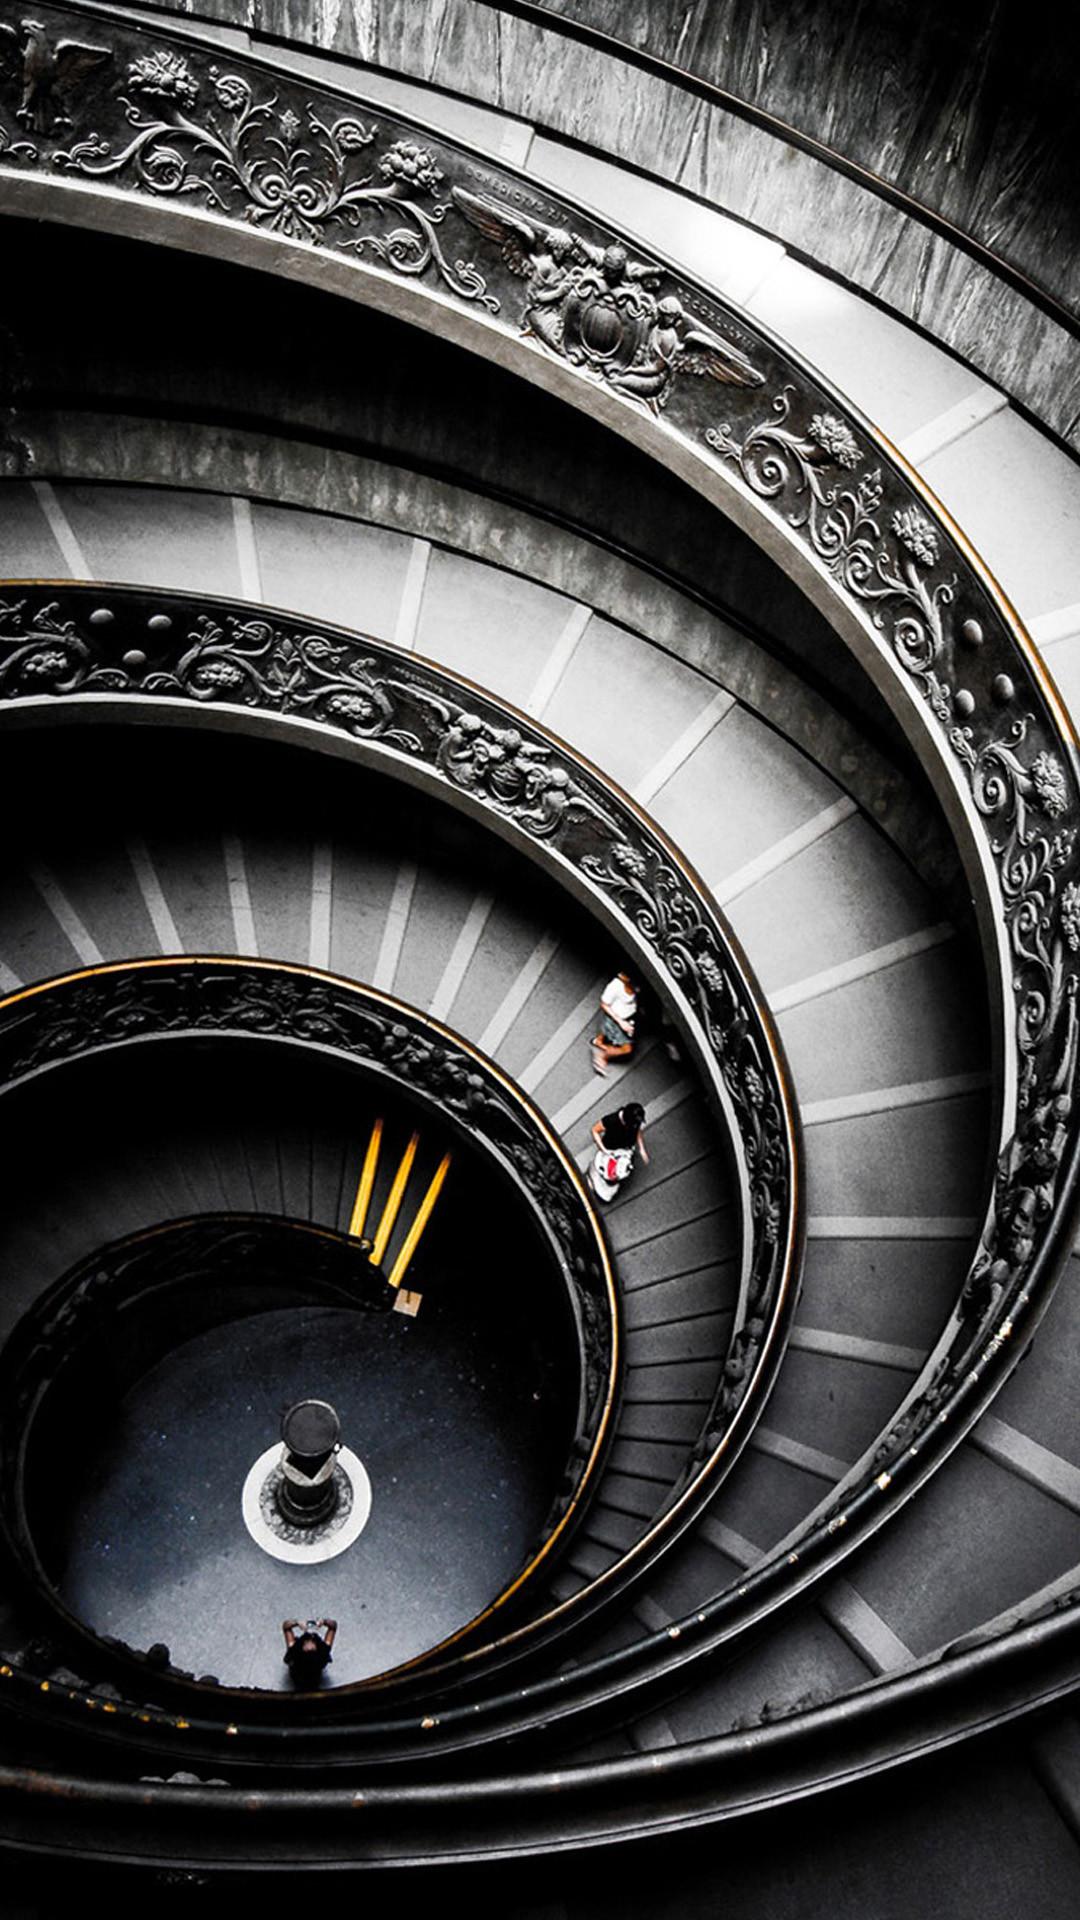 Sfondi architettura 67 immagini for Immagini full hd per smartphone